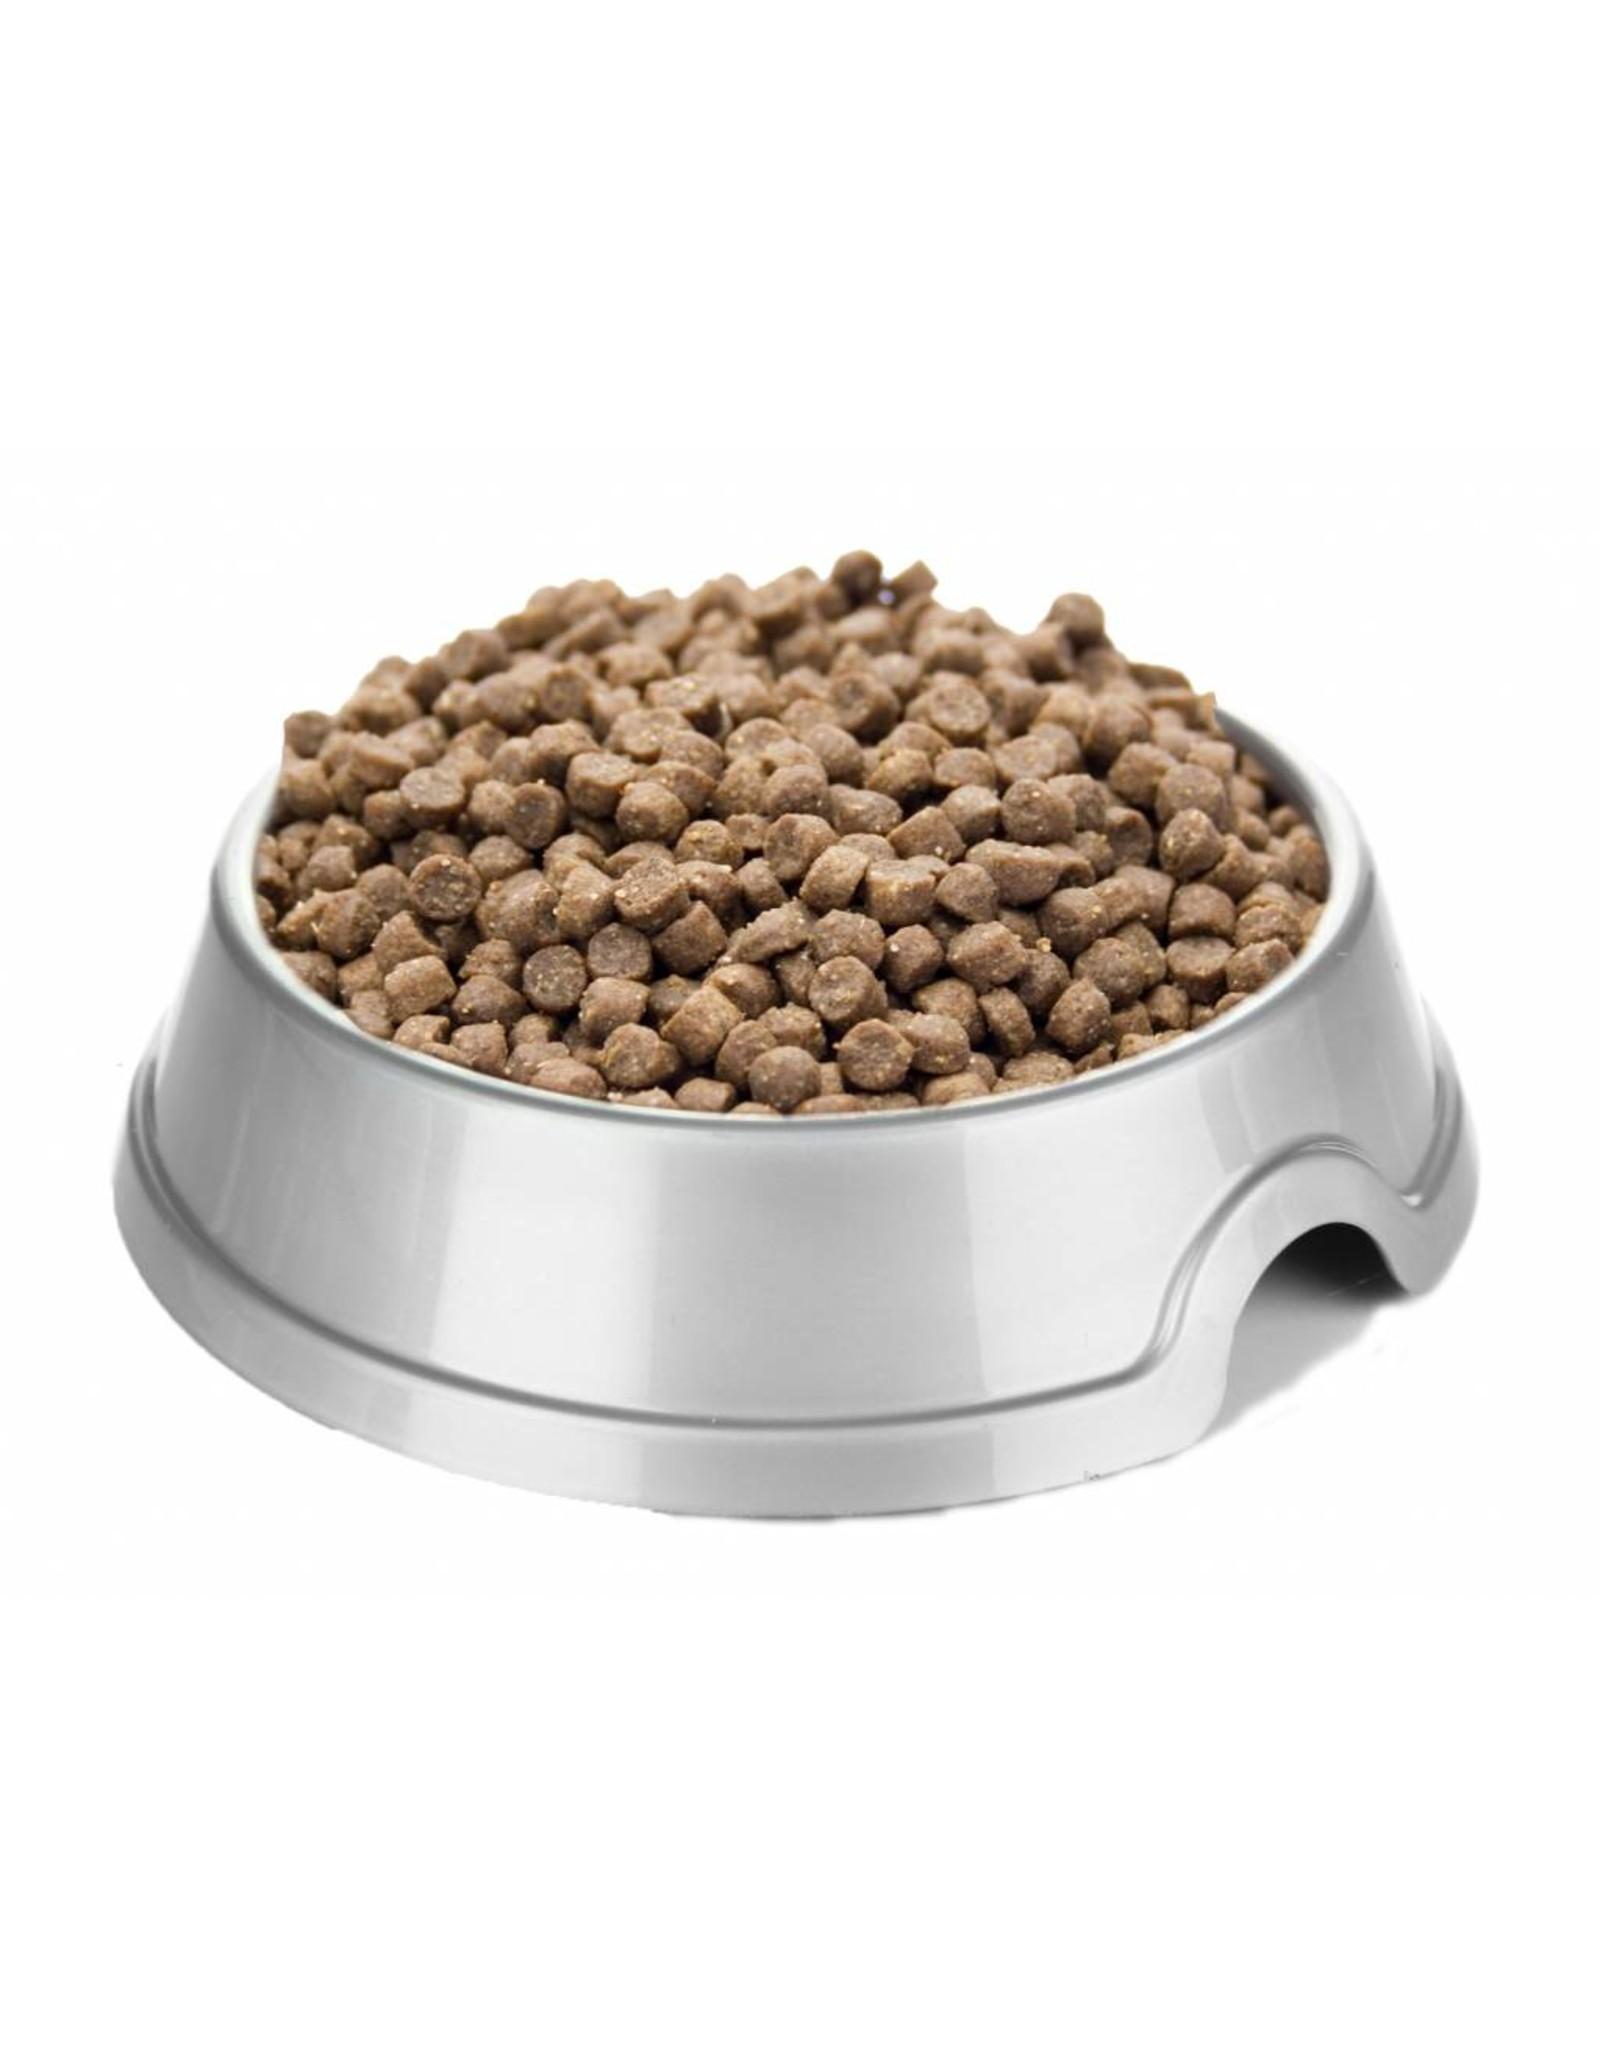 Hoogwaardige voeding speciaal voor kittens die extra energie nodig hebben om op te groeien.